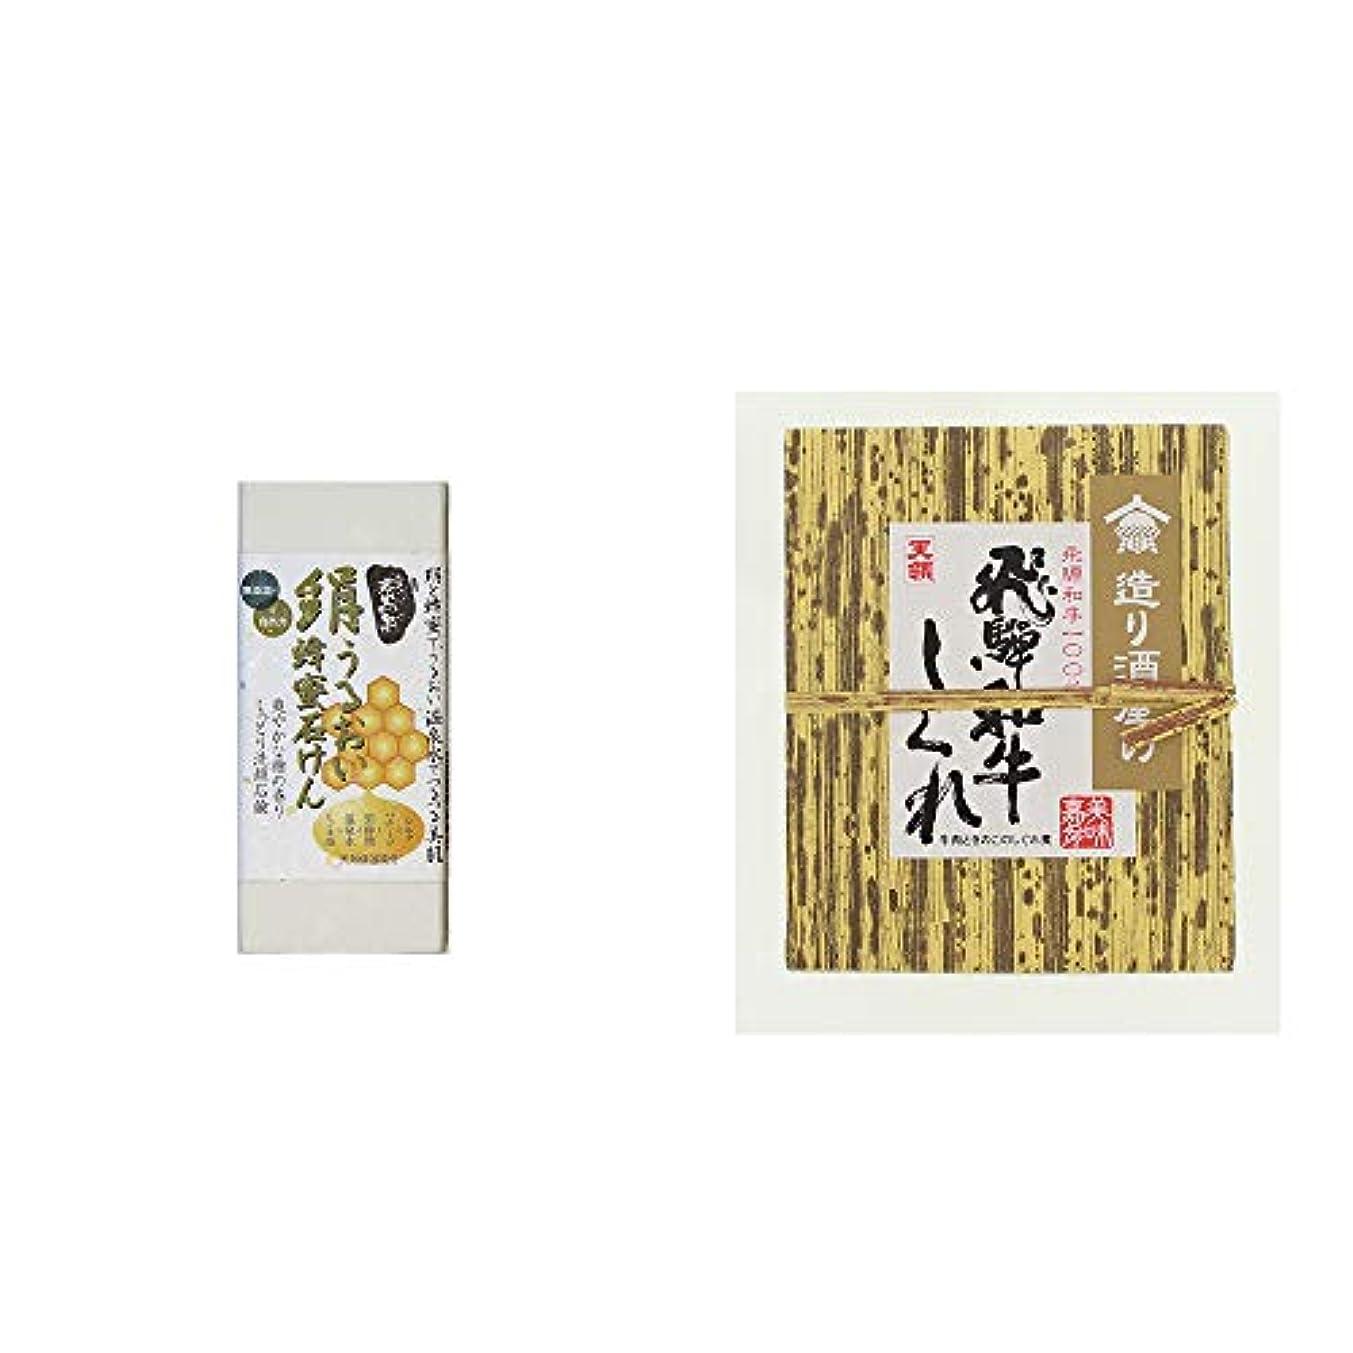 噛むラリーベルモントオペラ[2点セット] ひのき炭黒泉 絹うるおい蜂蜜石けん(75g×2)?天領酒造 造り酒屋の飛騨和牛しぐれ(100g)